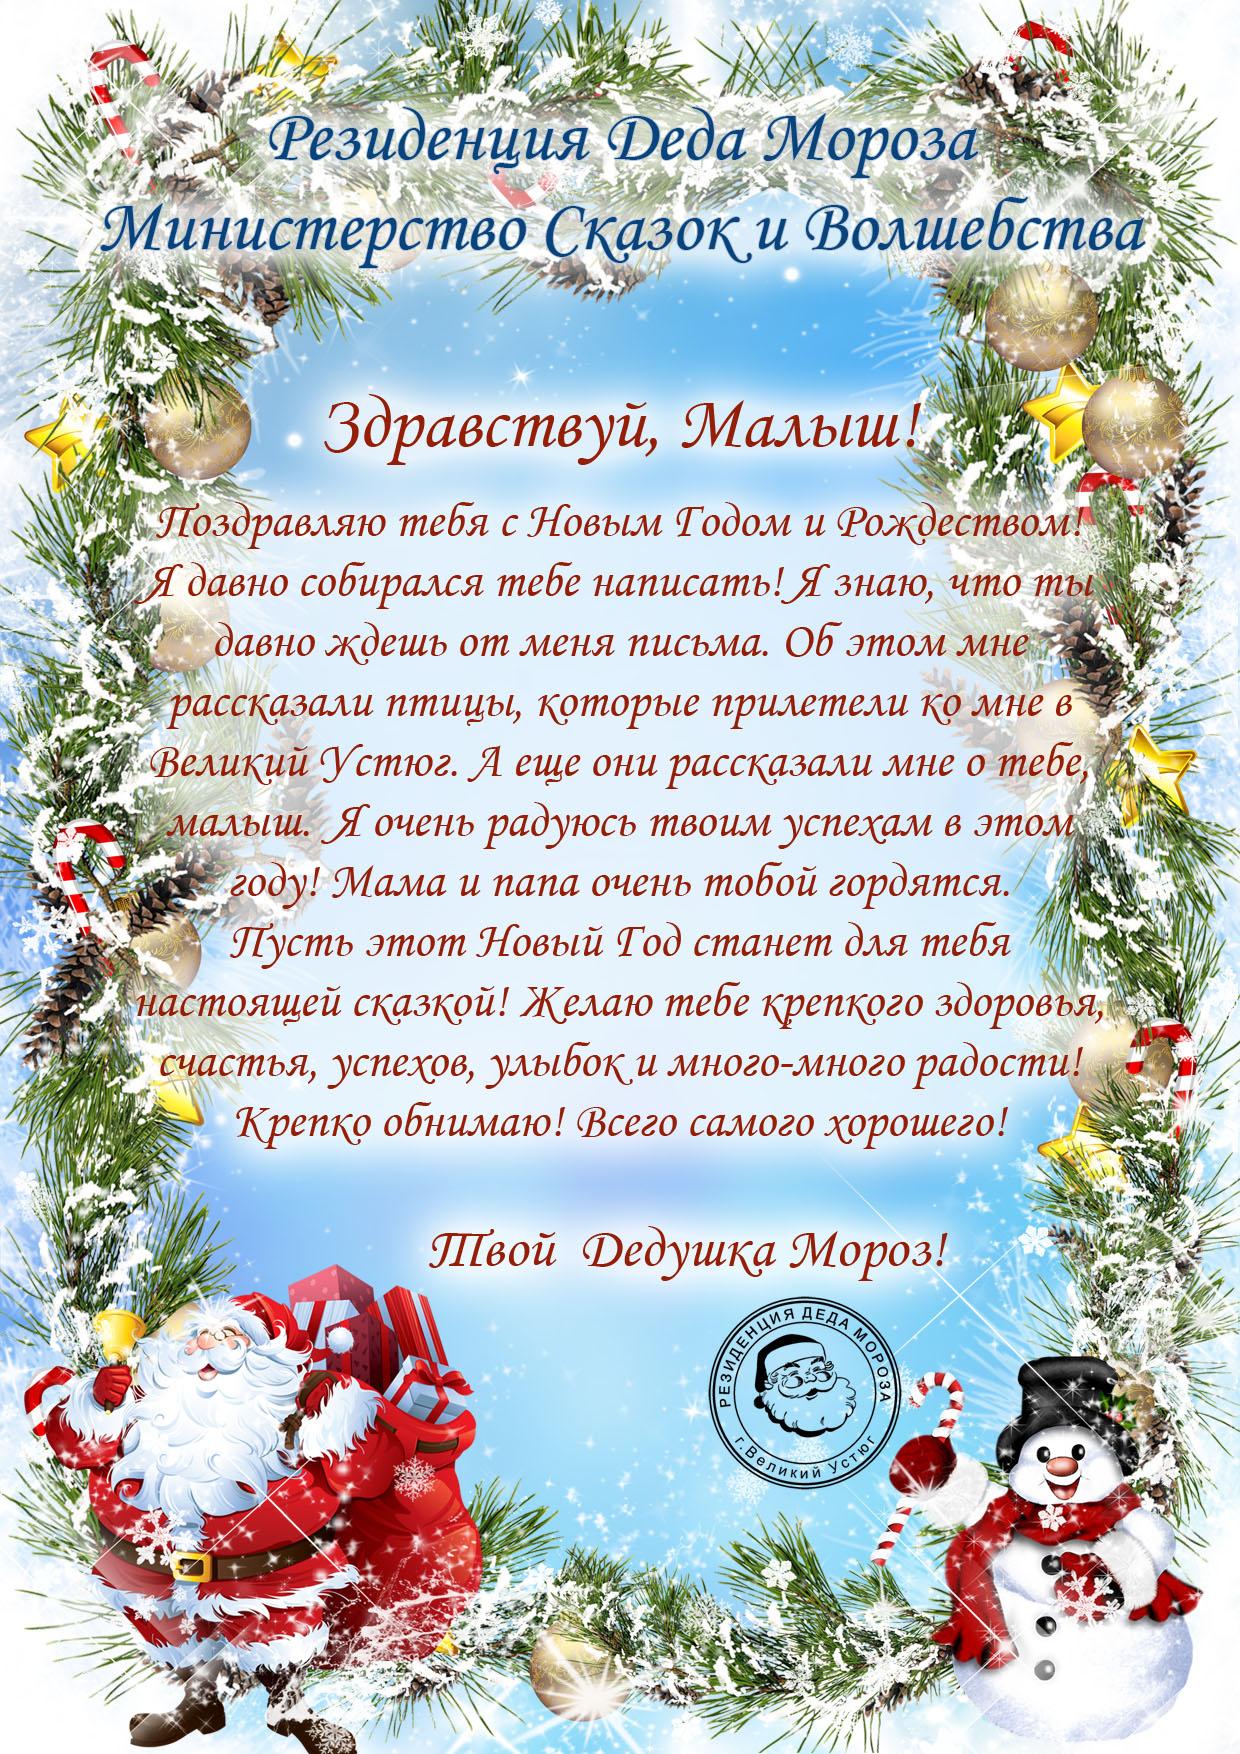 Новогодние поздравления от Деда Мороза и Снегурочки 76